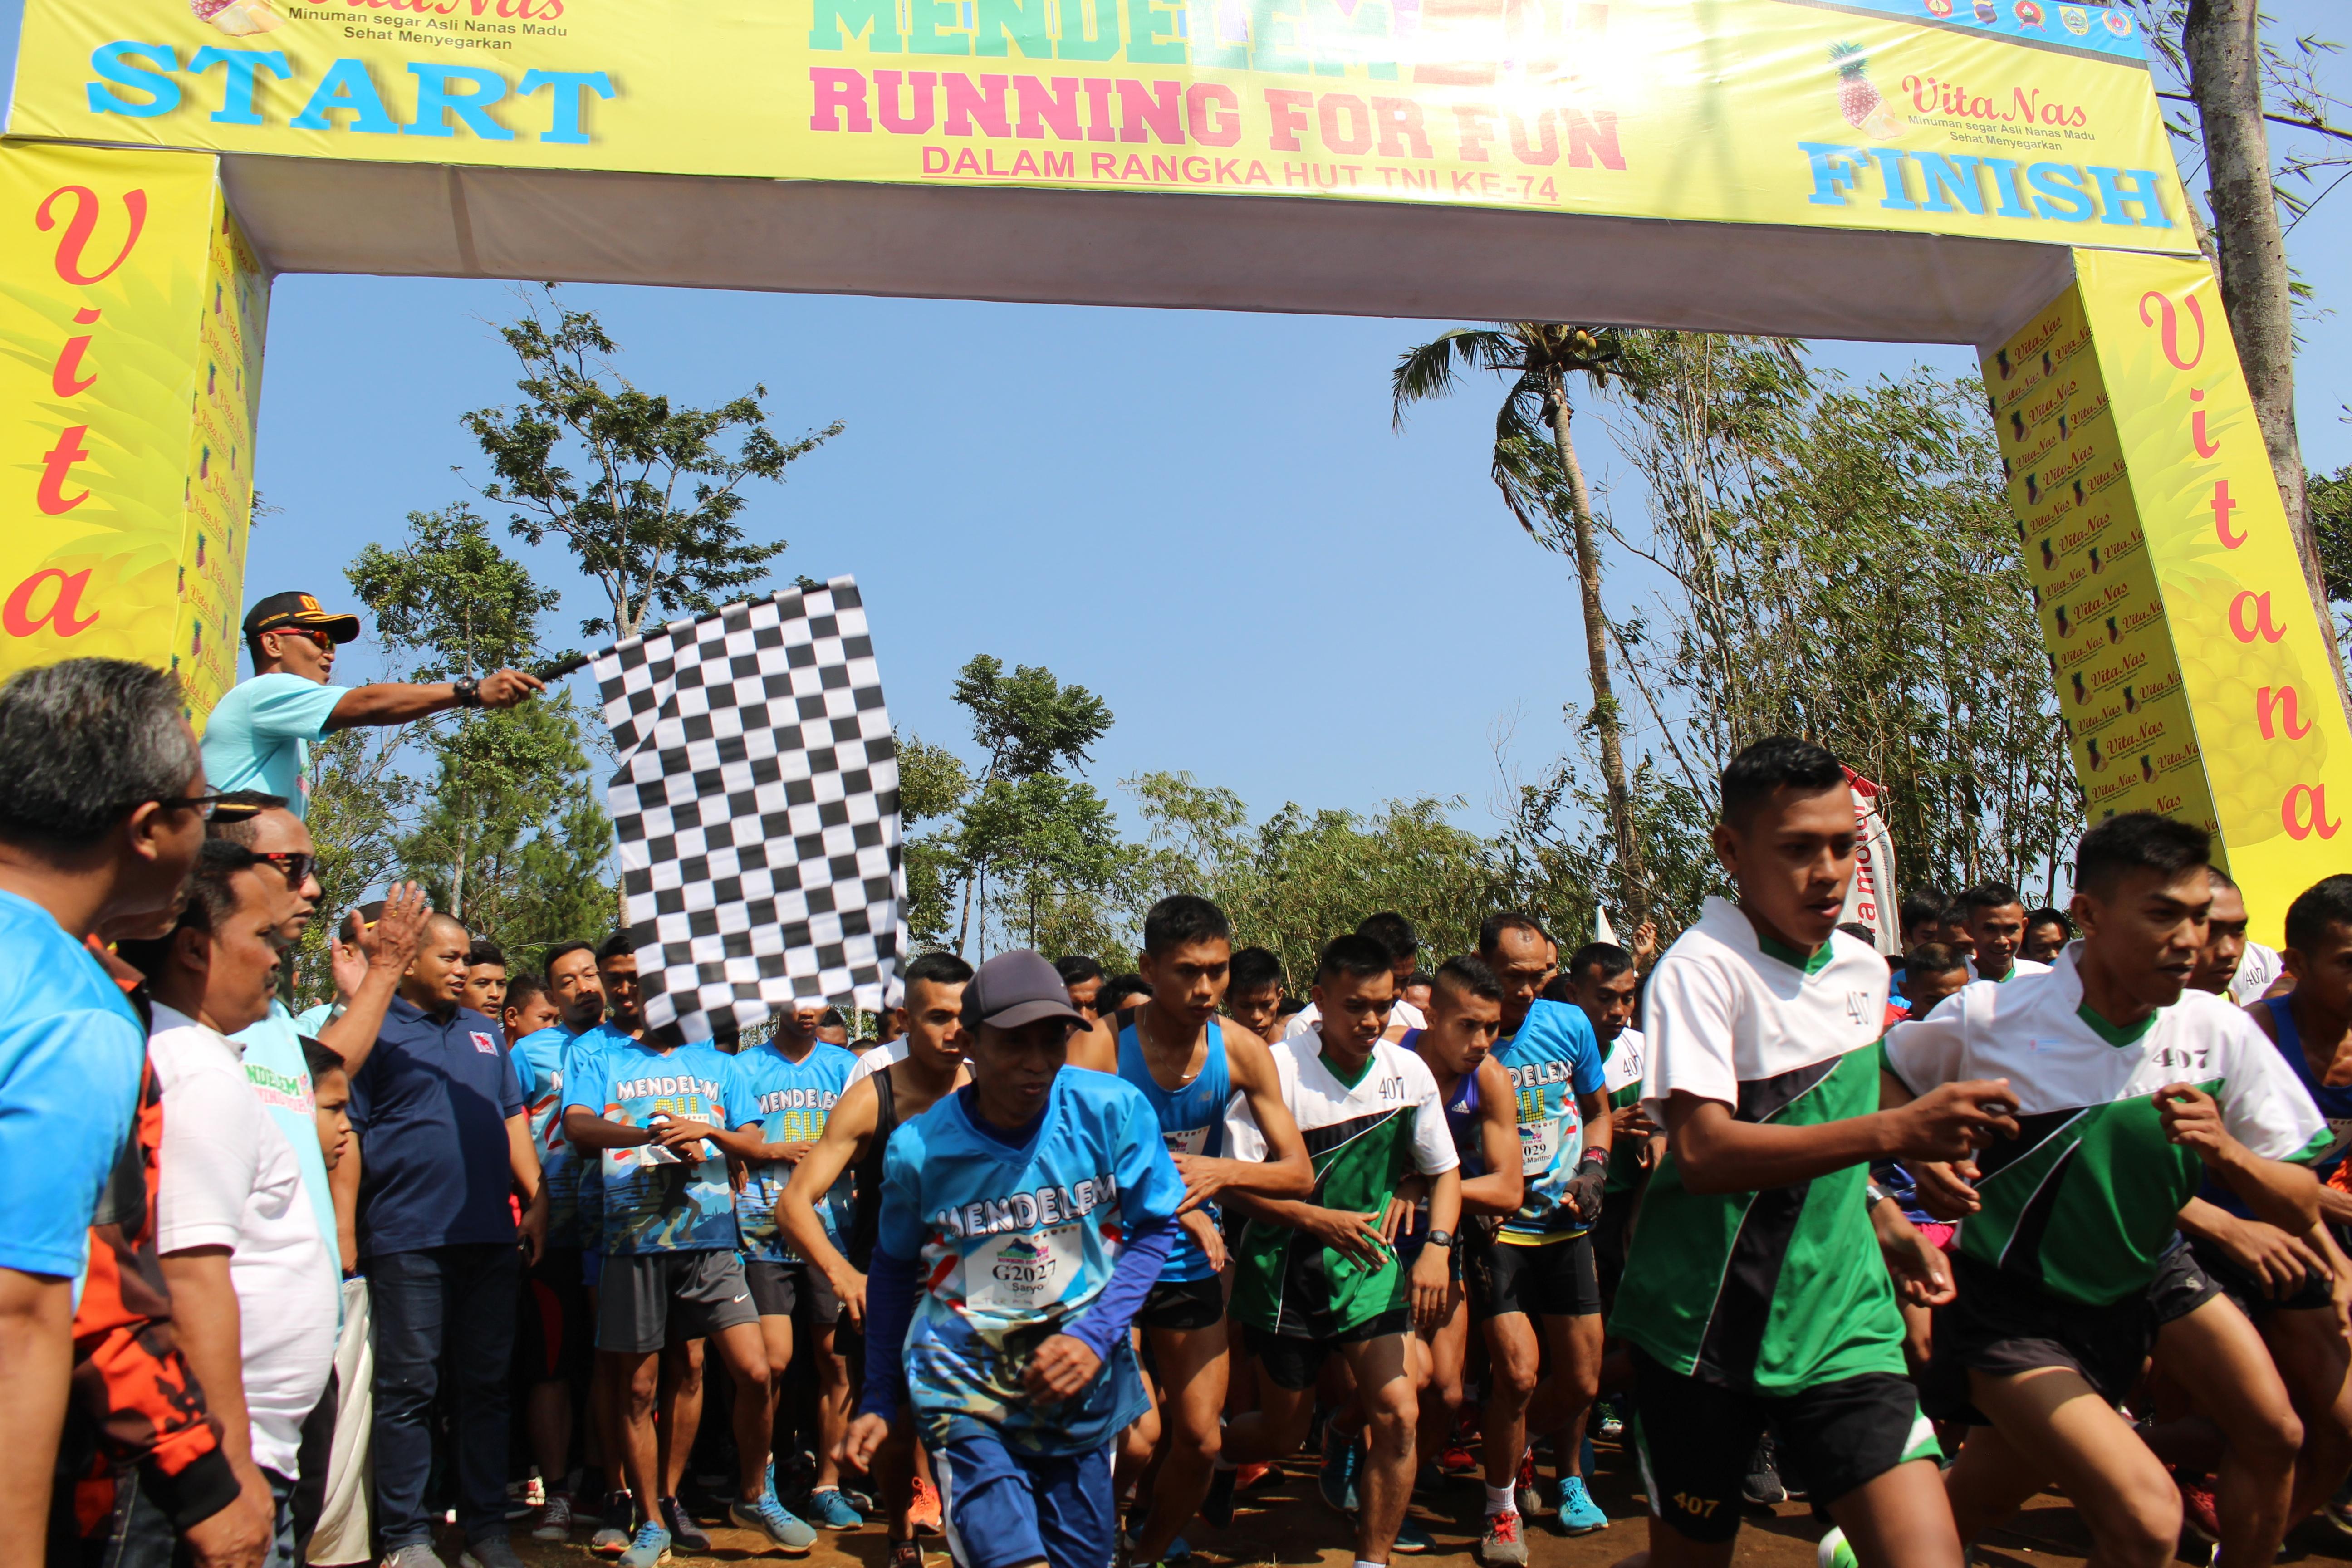 """Kodim 0711/Pemalang Gandeng Yayasan Mendelem Berbakti Gelar """"Mendelem 6K Running For Fun"""""""